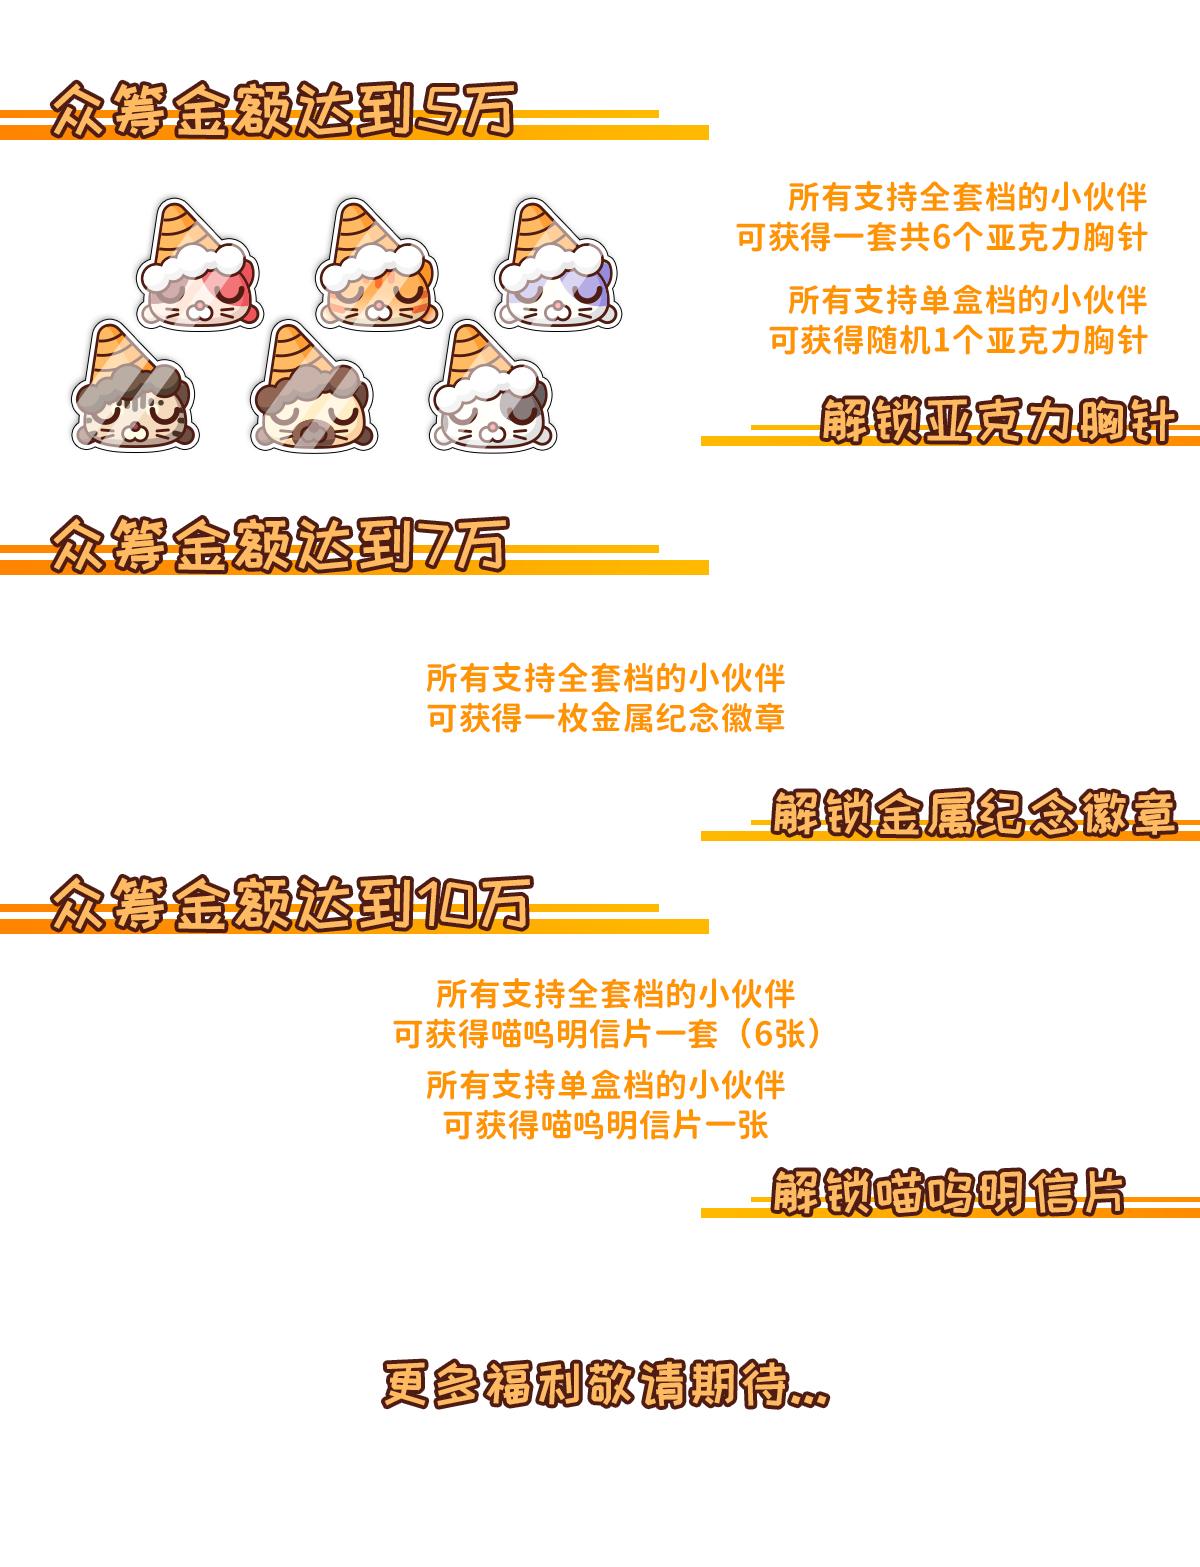 09-1众筹解锁项.jpg